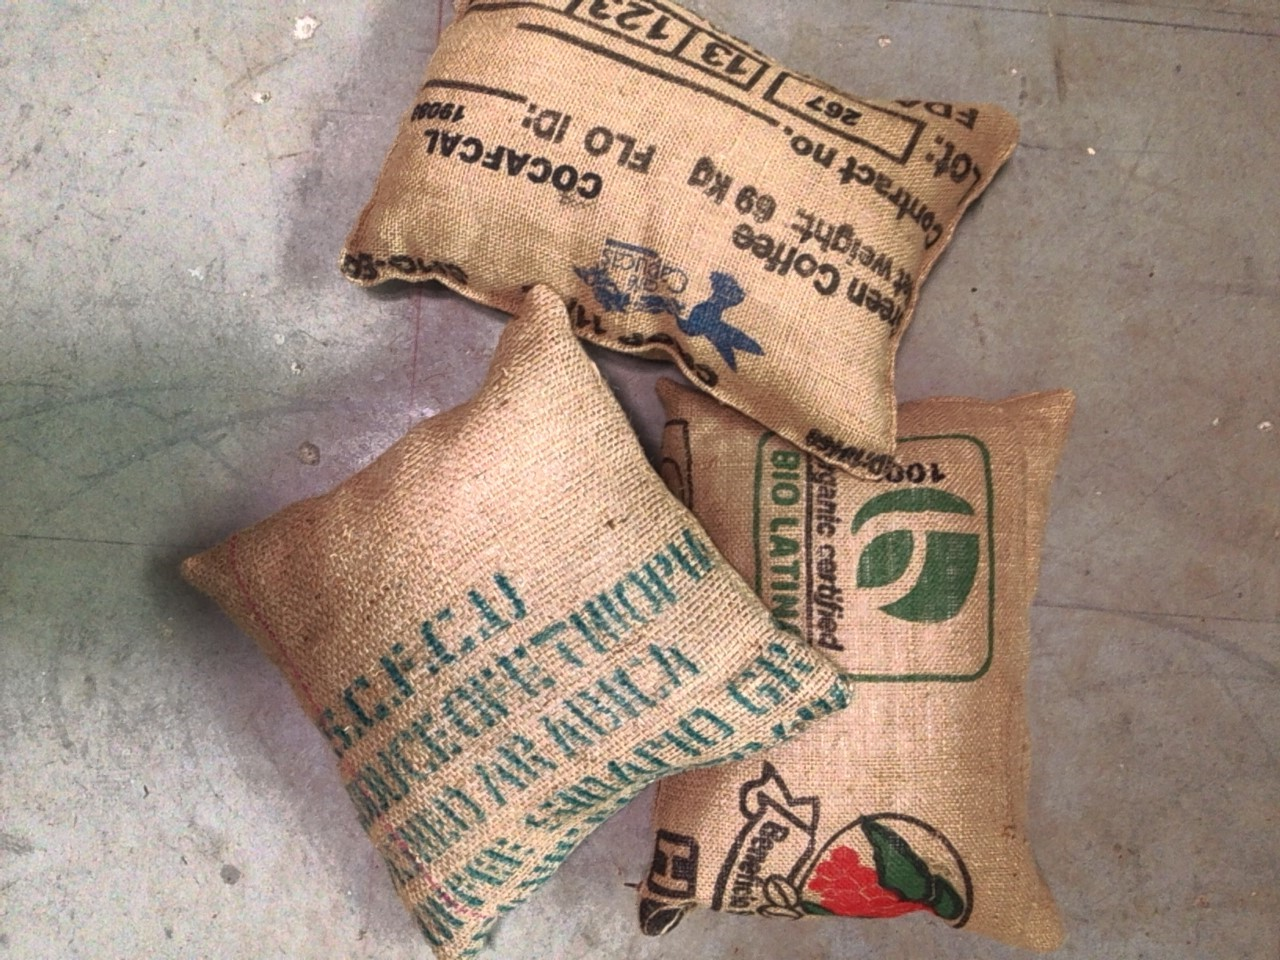 burlap coffee pillow cases   Quantity: 4  Price: $4.50